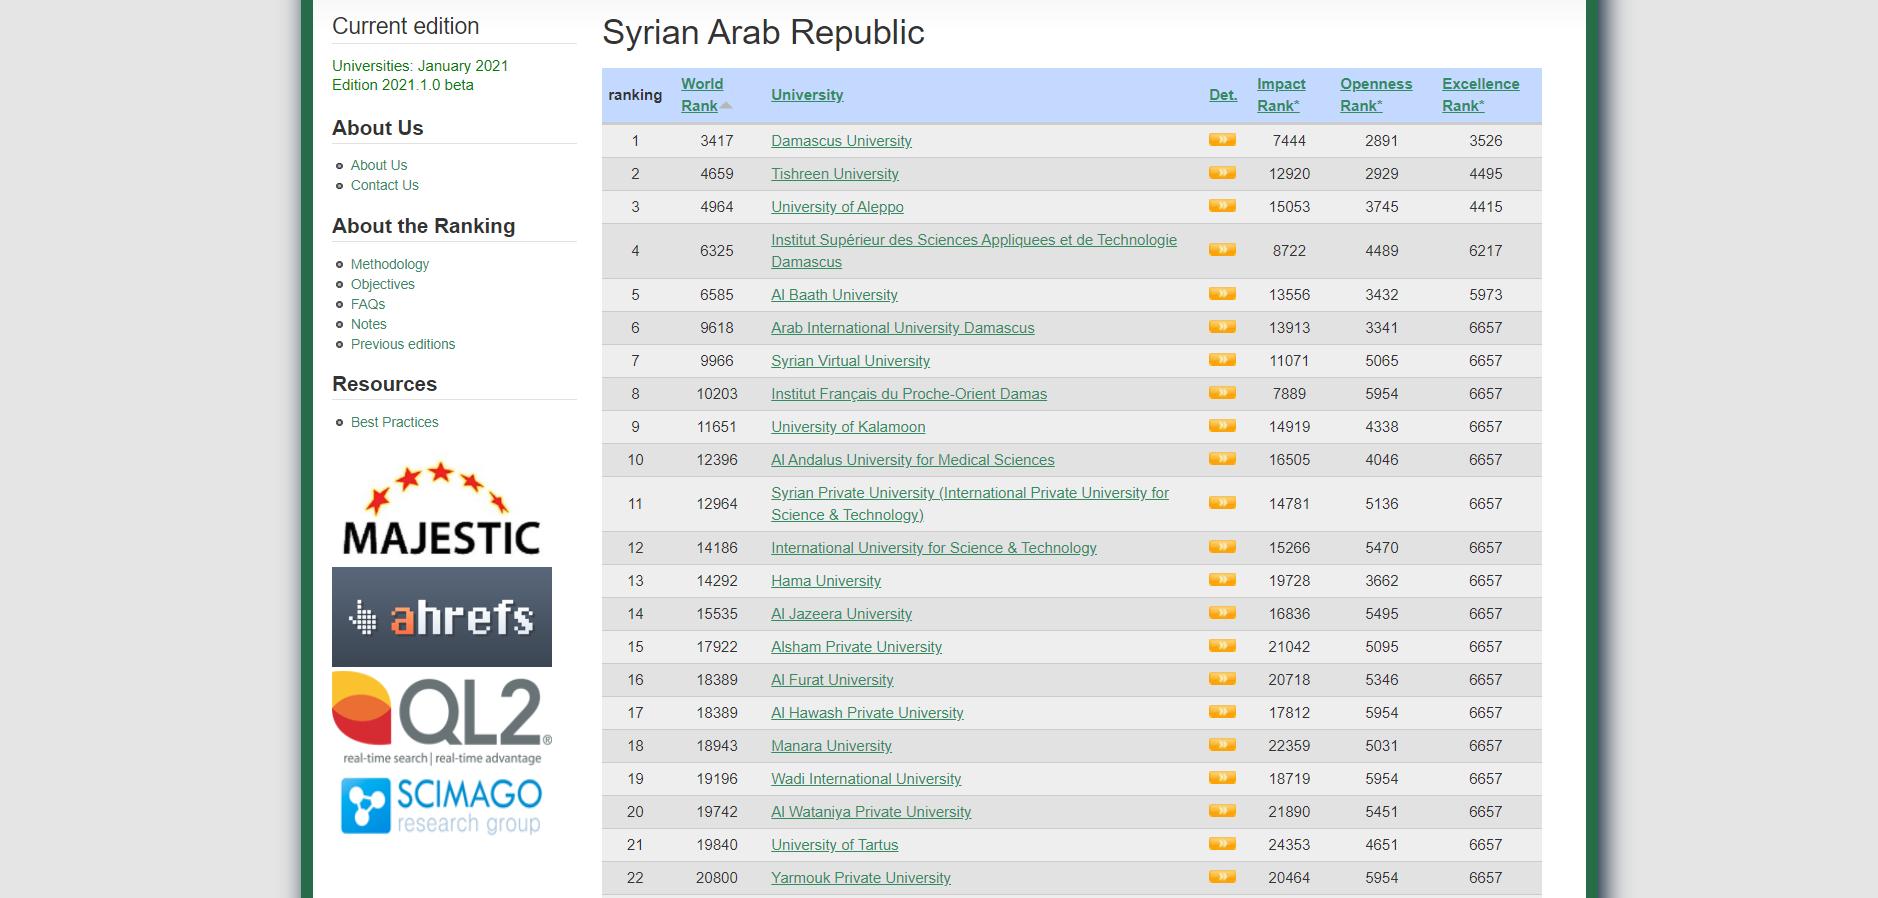 تصنيف الجامعات السورية للعام 2021 خلال شهر يناير 1